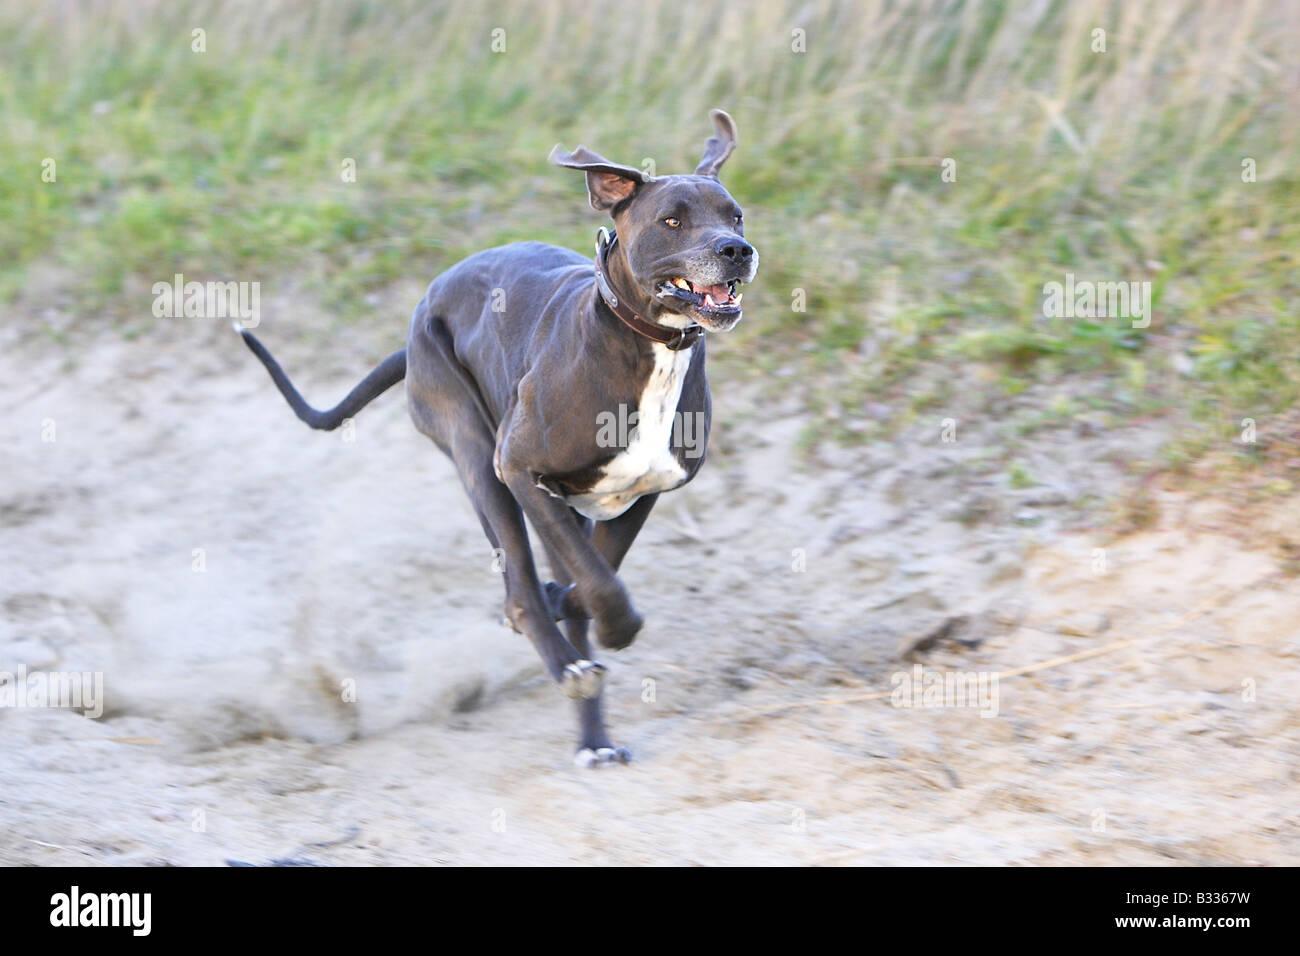 Great Dane (Canis lupus familiaris), running - Stock Image